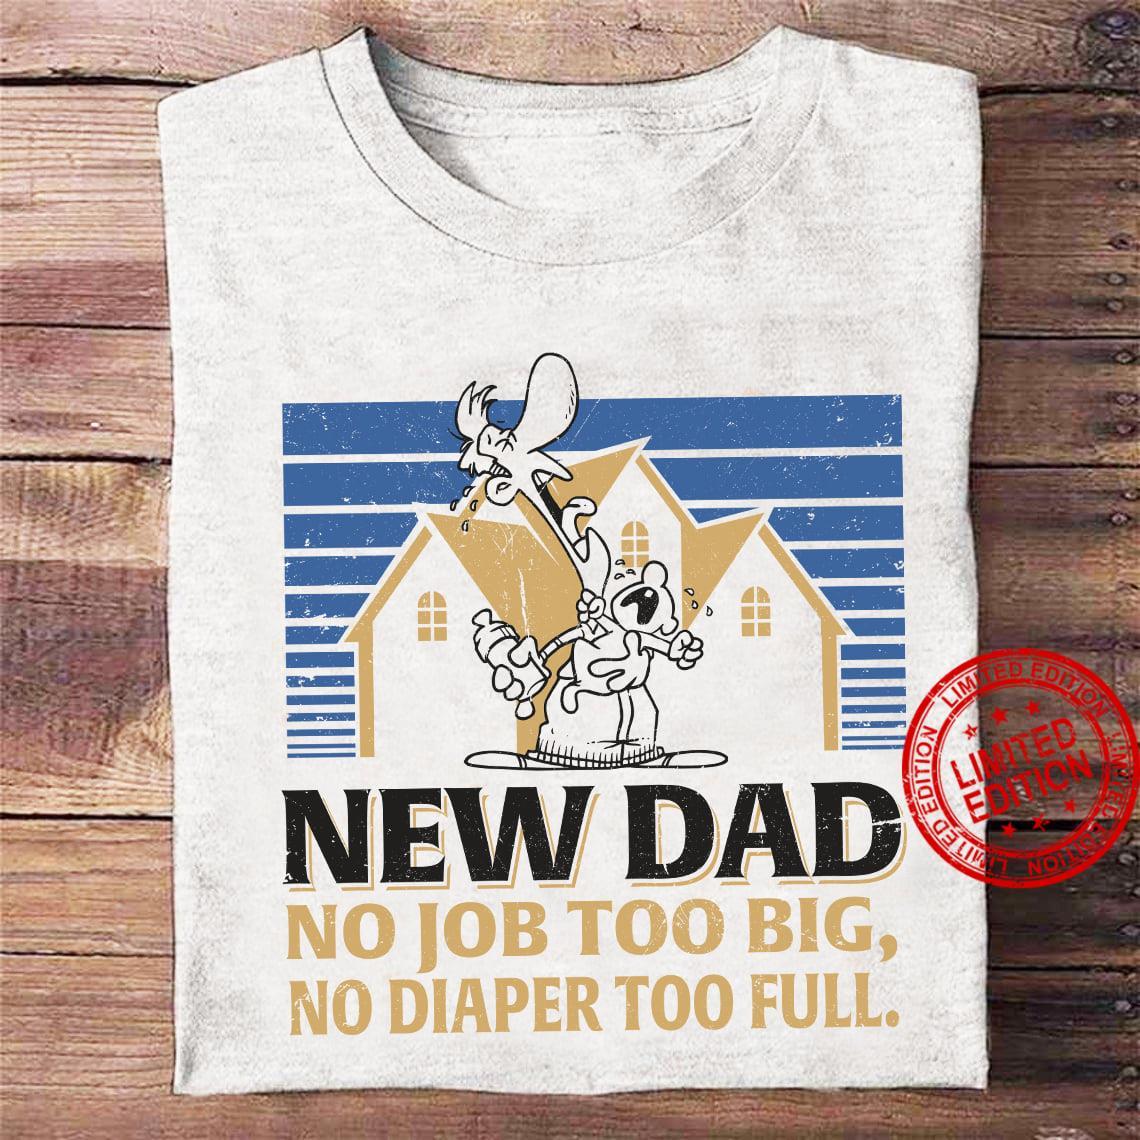 New Dad No Job Too BIg No Diaper Too Full Shirt